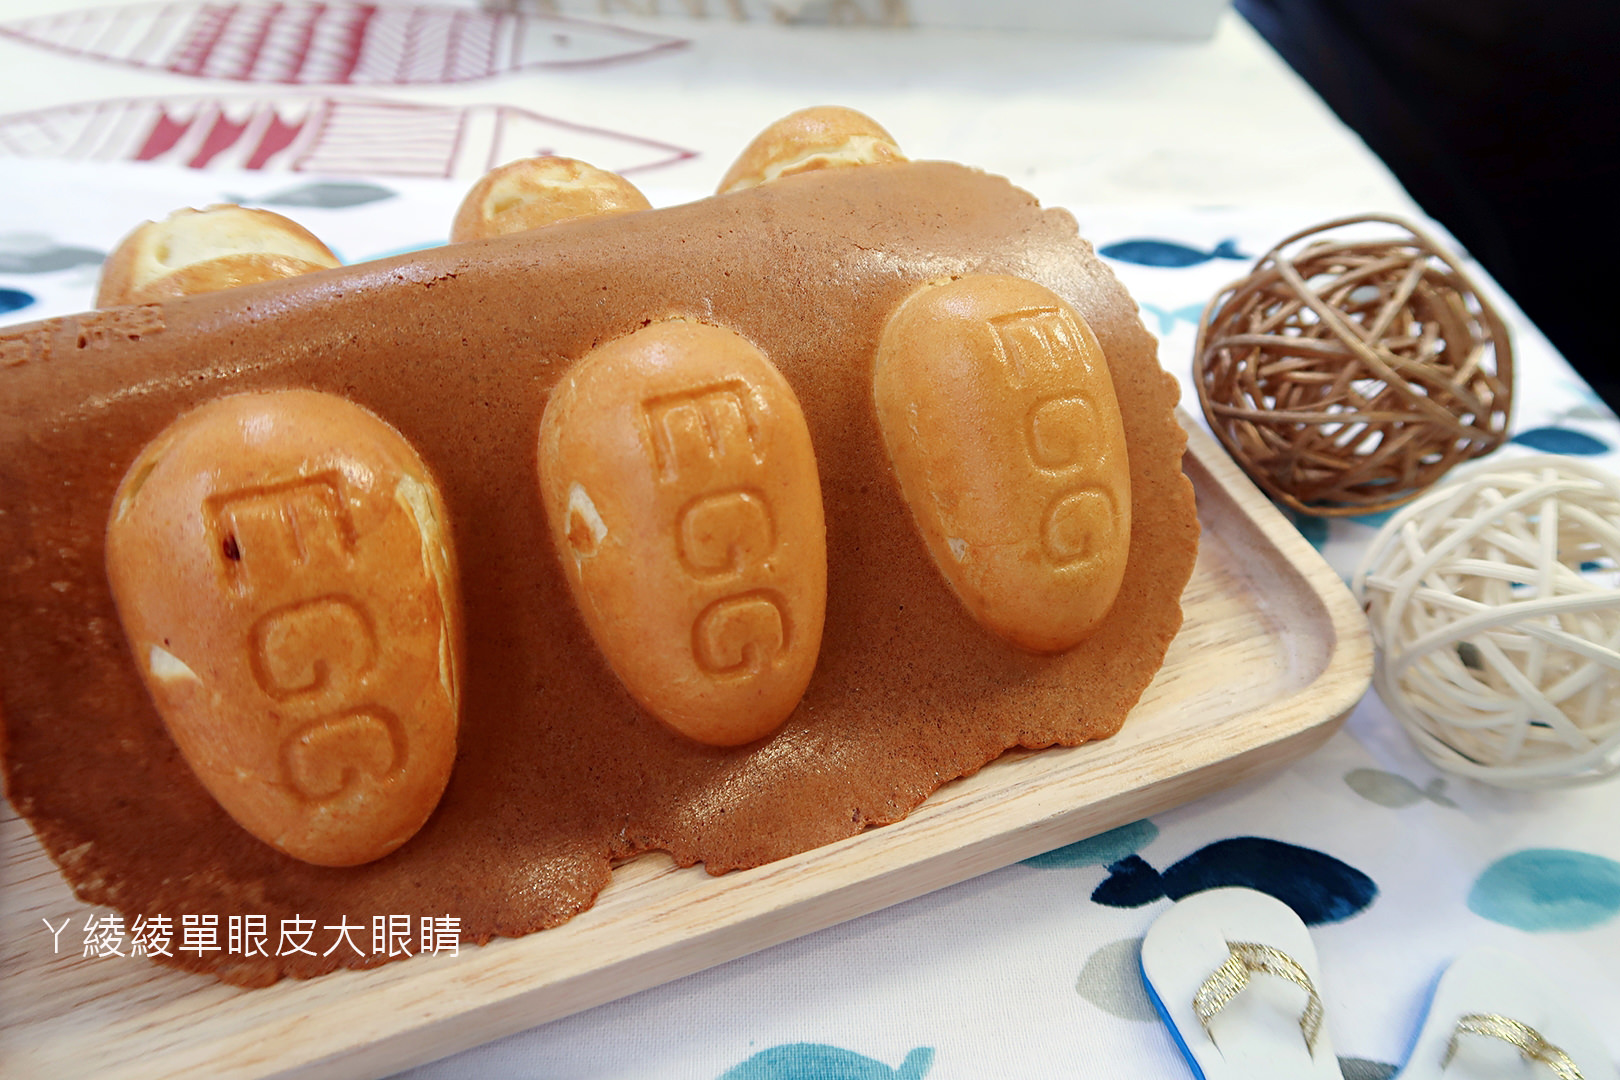 台中逢甲貴婦級小吃,限定隱藏版創意脆皮雞蛋糕《魚你同在手作鯛魚燒 雞蛋糕》